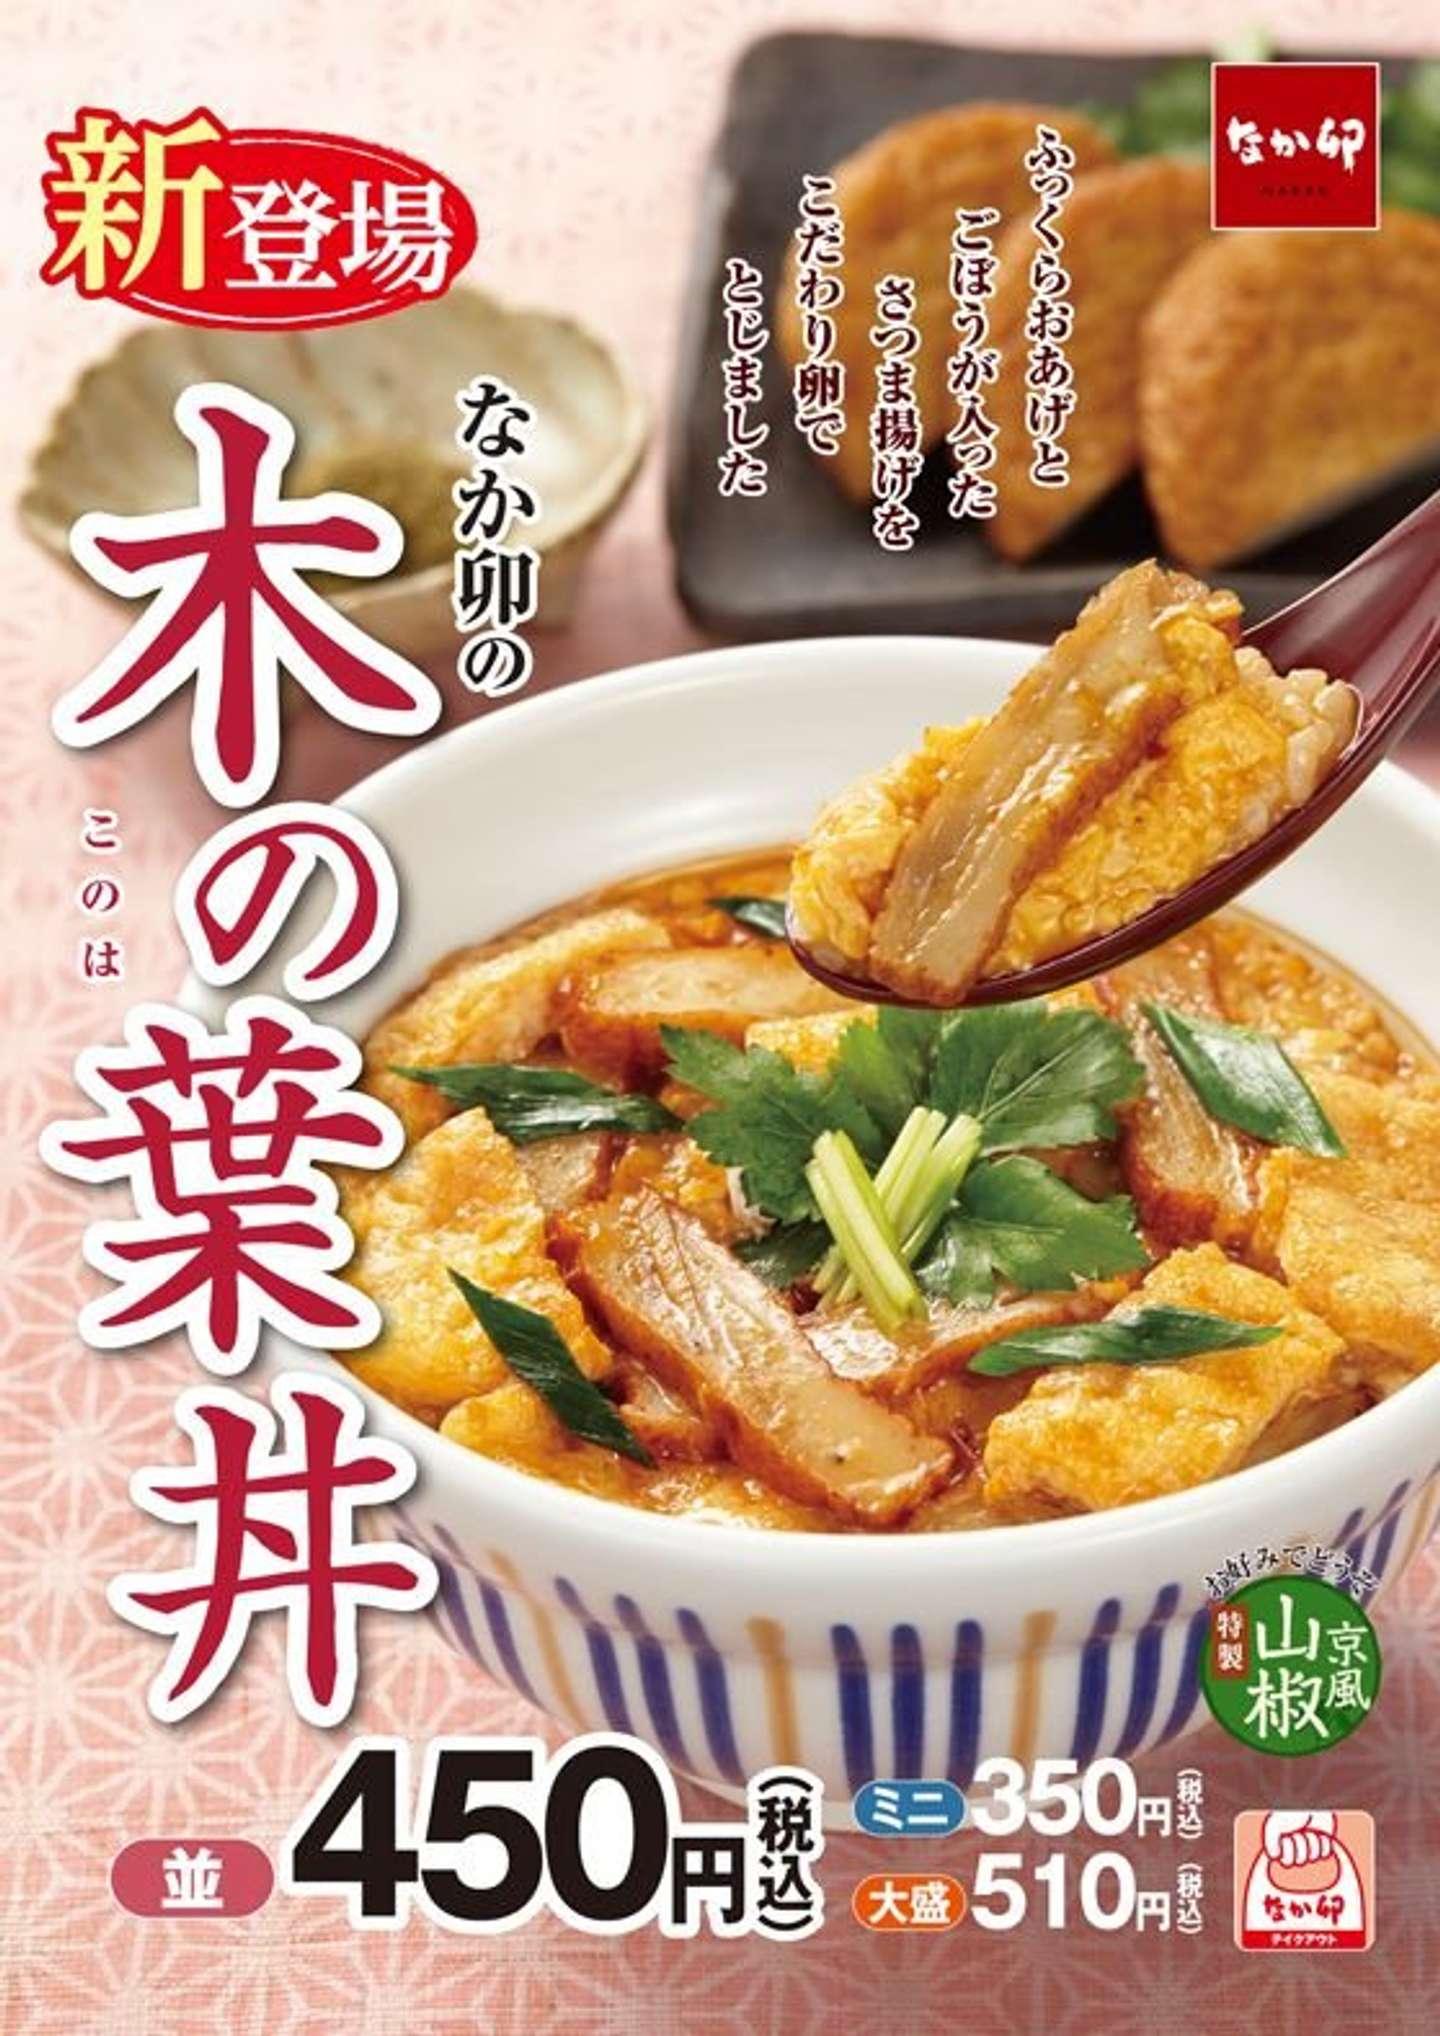 「木の葉丼」(なか卯のウェブサイトより)